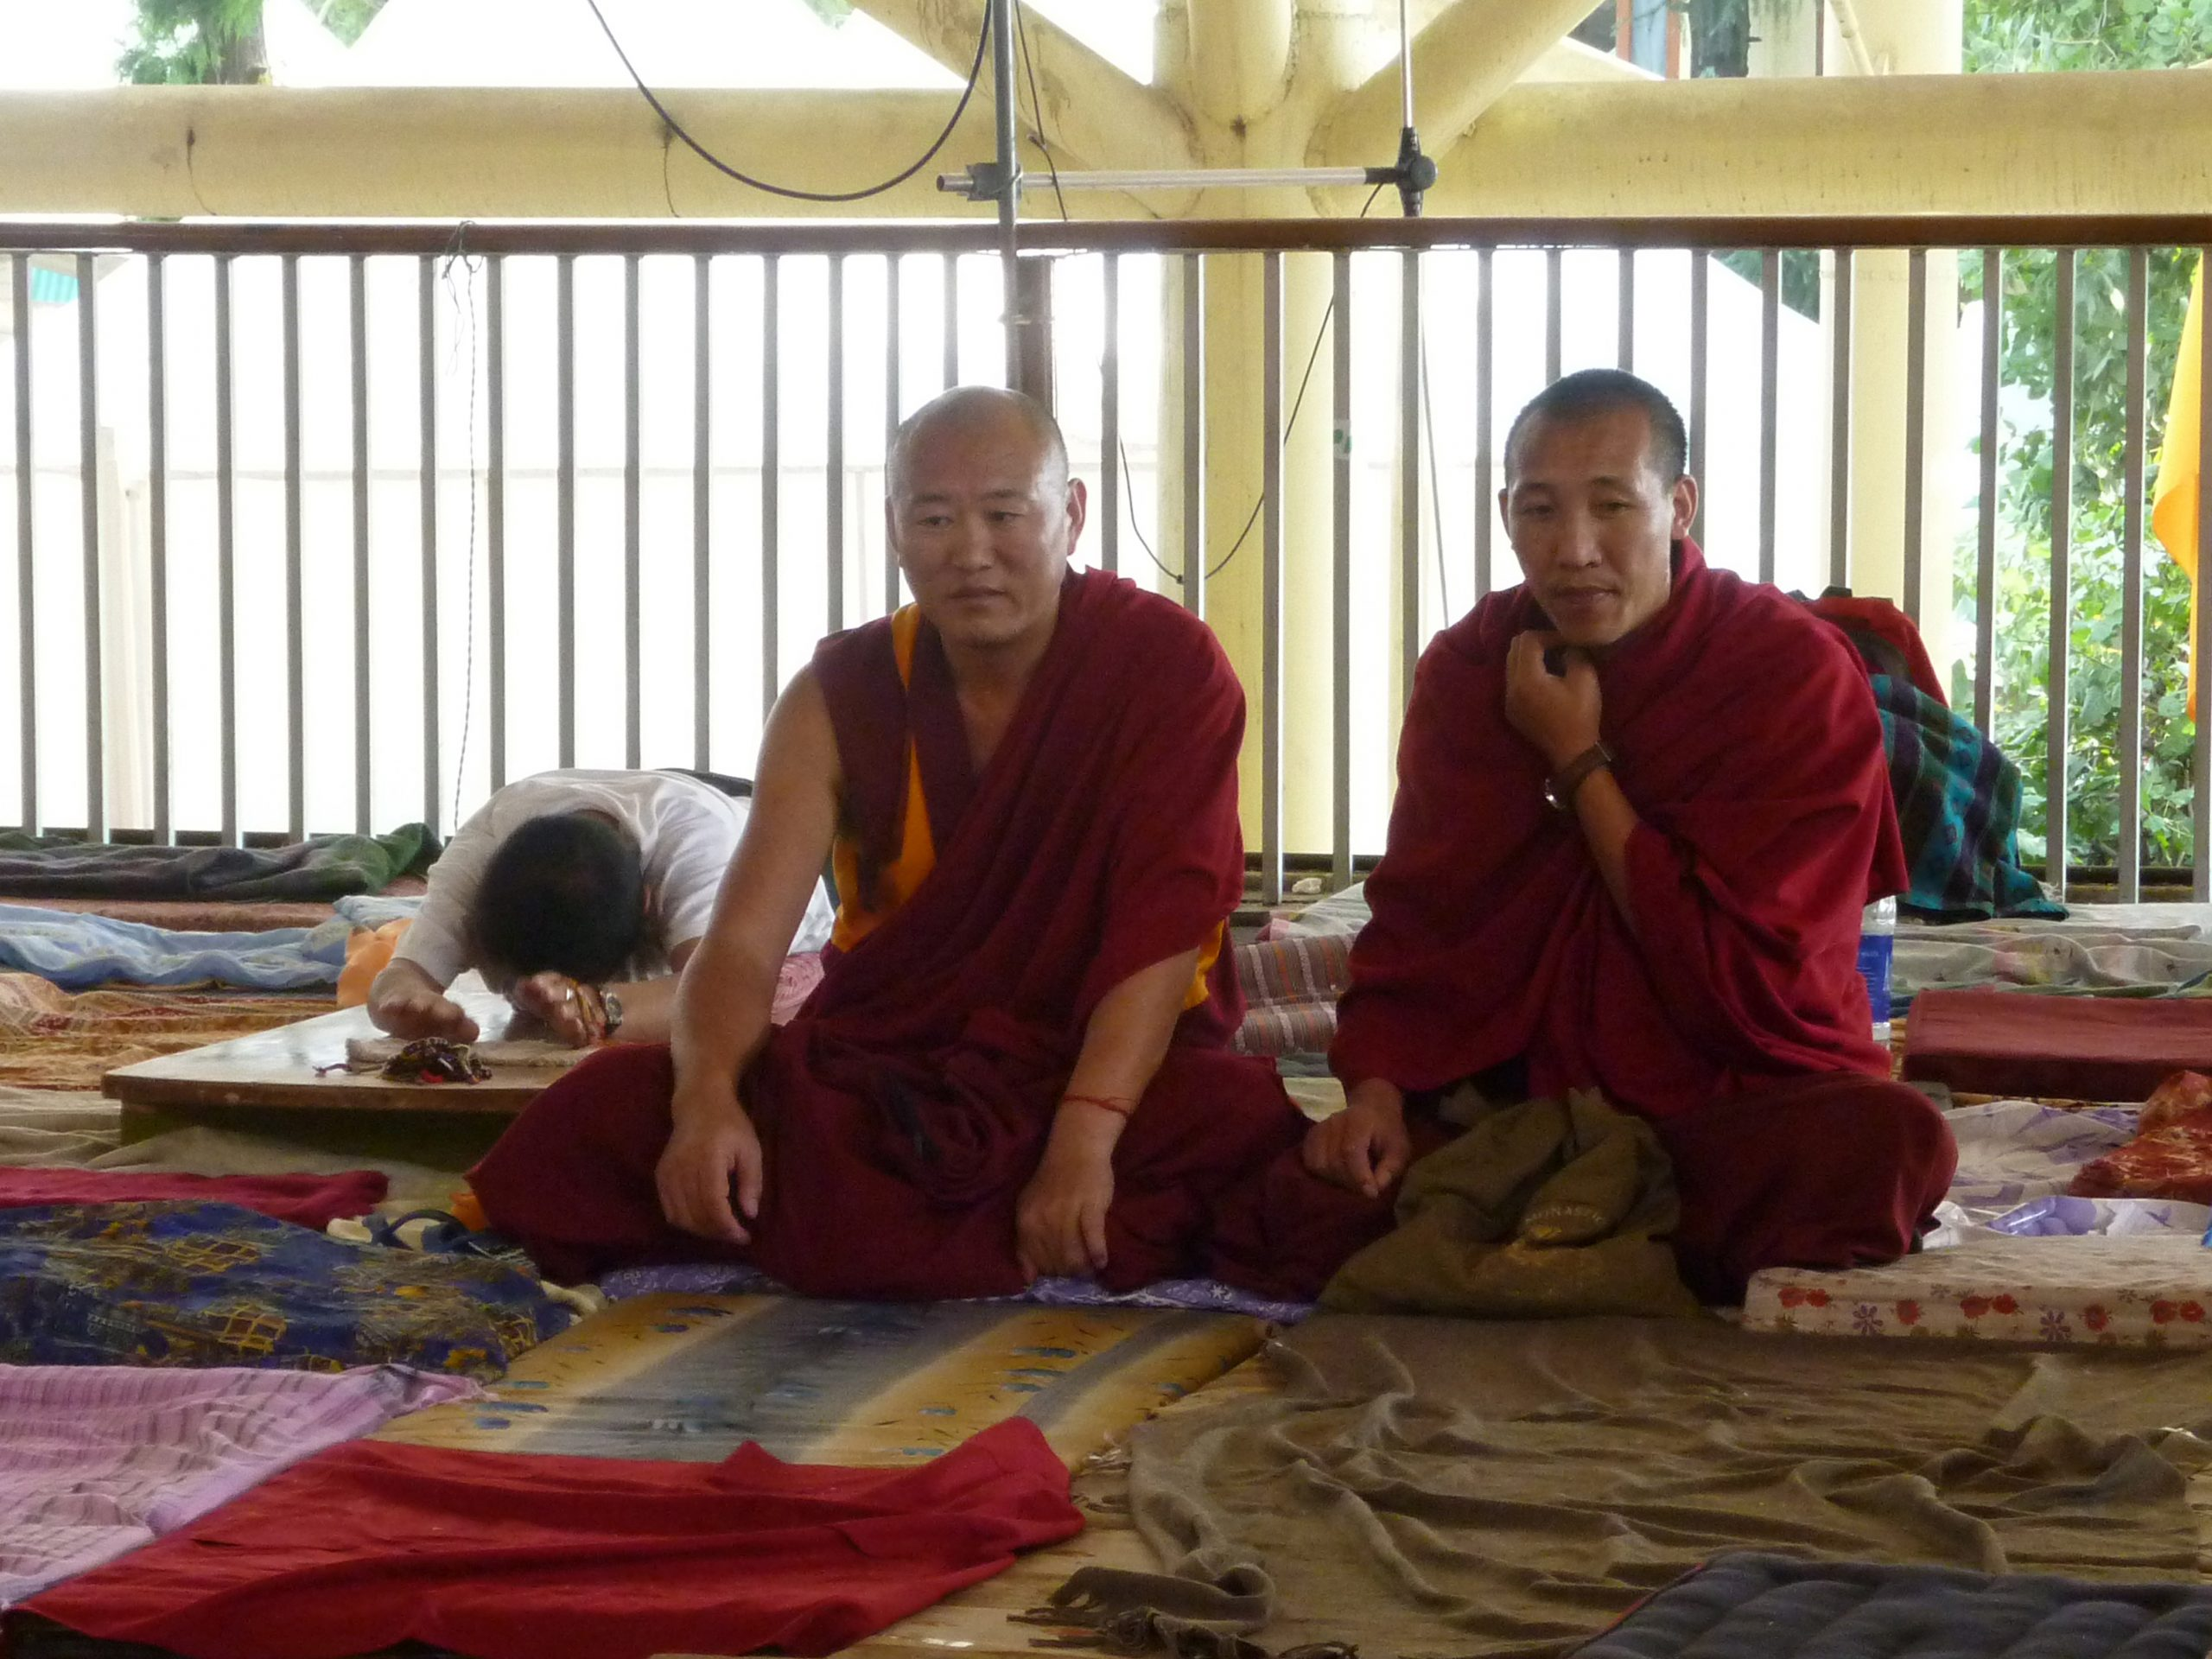 Radreise Ladakh 2012 - Dharamsala - Dalai-Lama - Mönche im Namgyal-Kloster